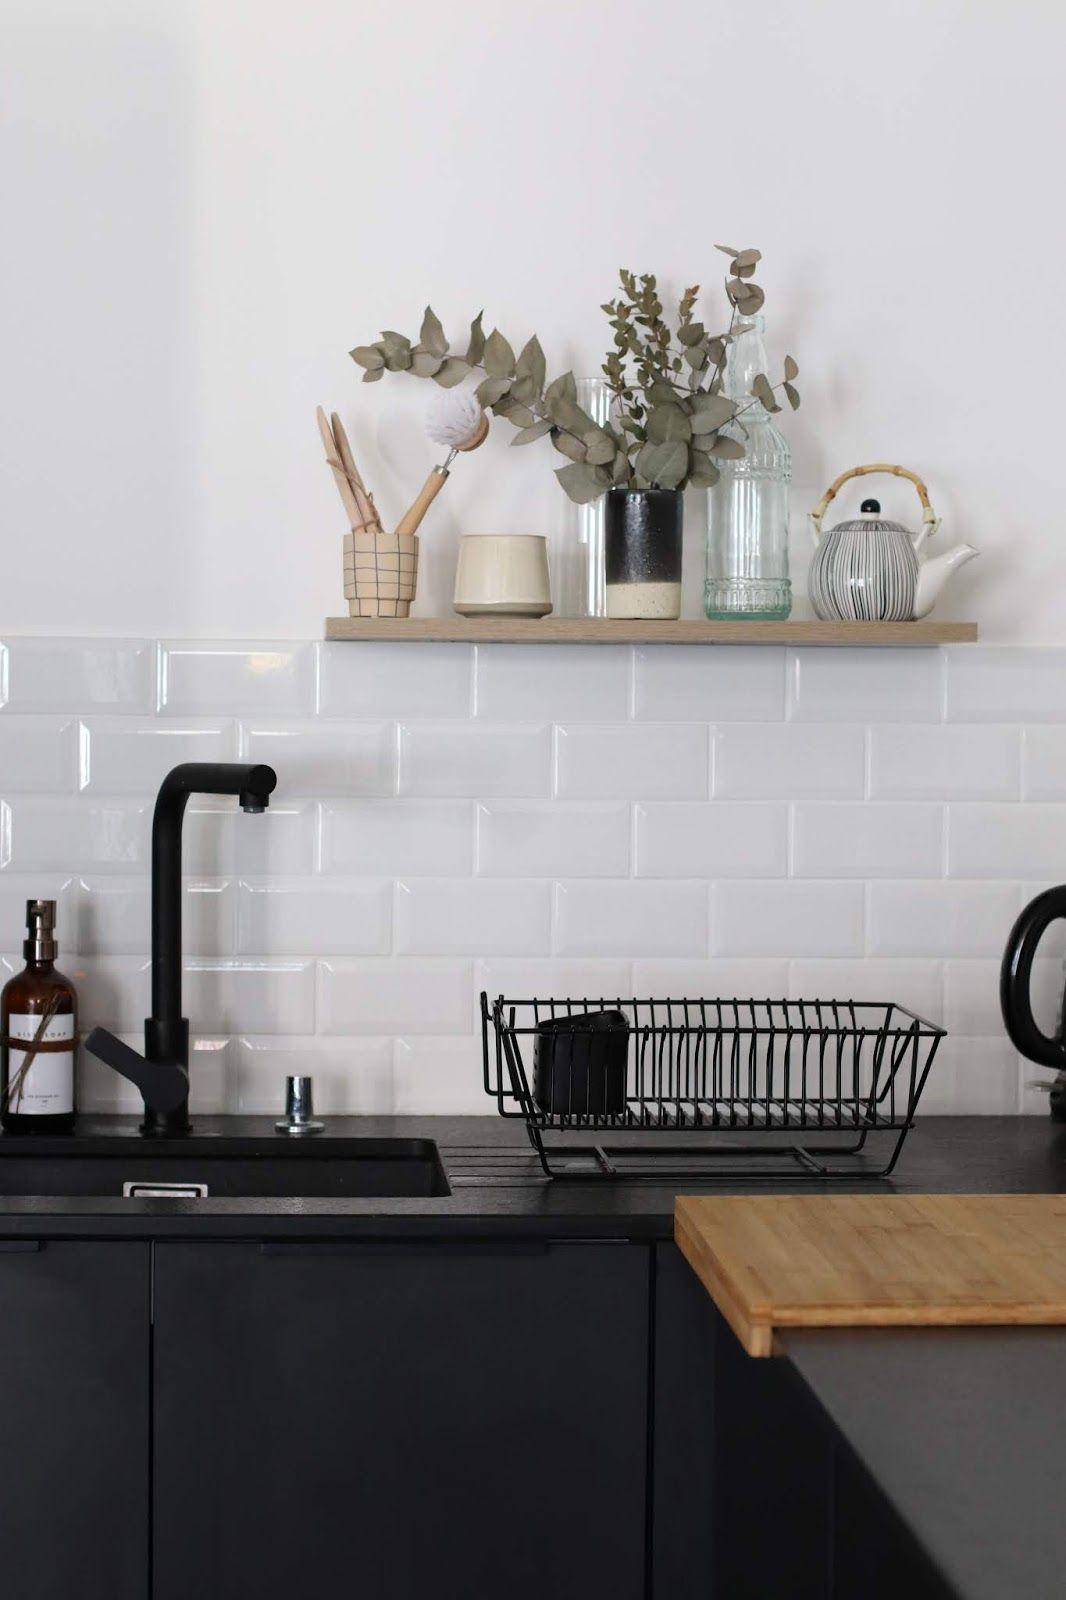 Chez nous - La cuisine  Meuble haut cuisine, Cuisine, Cuisine noire